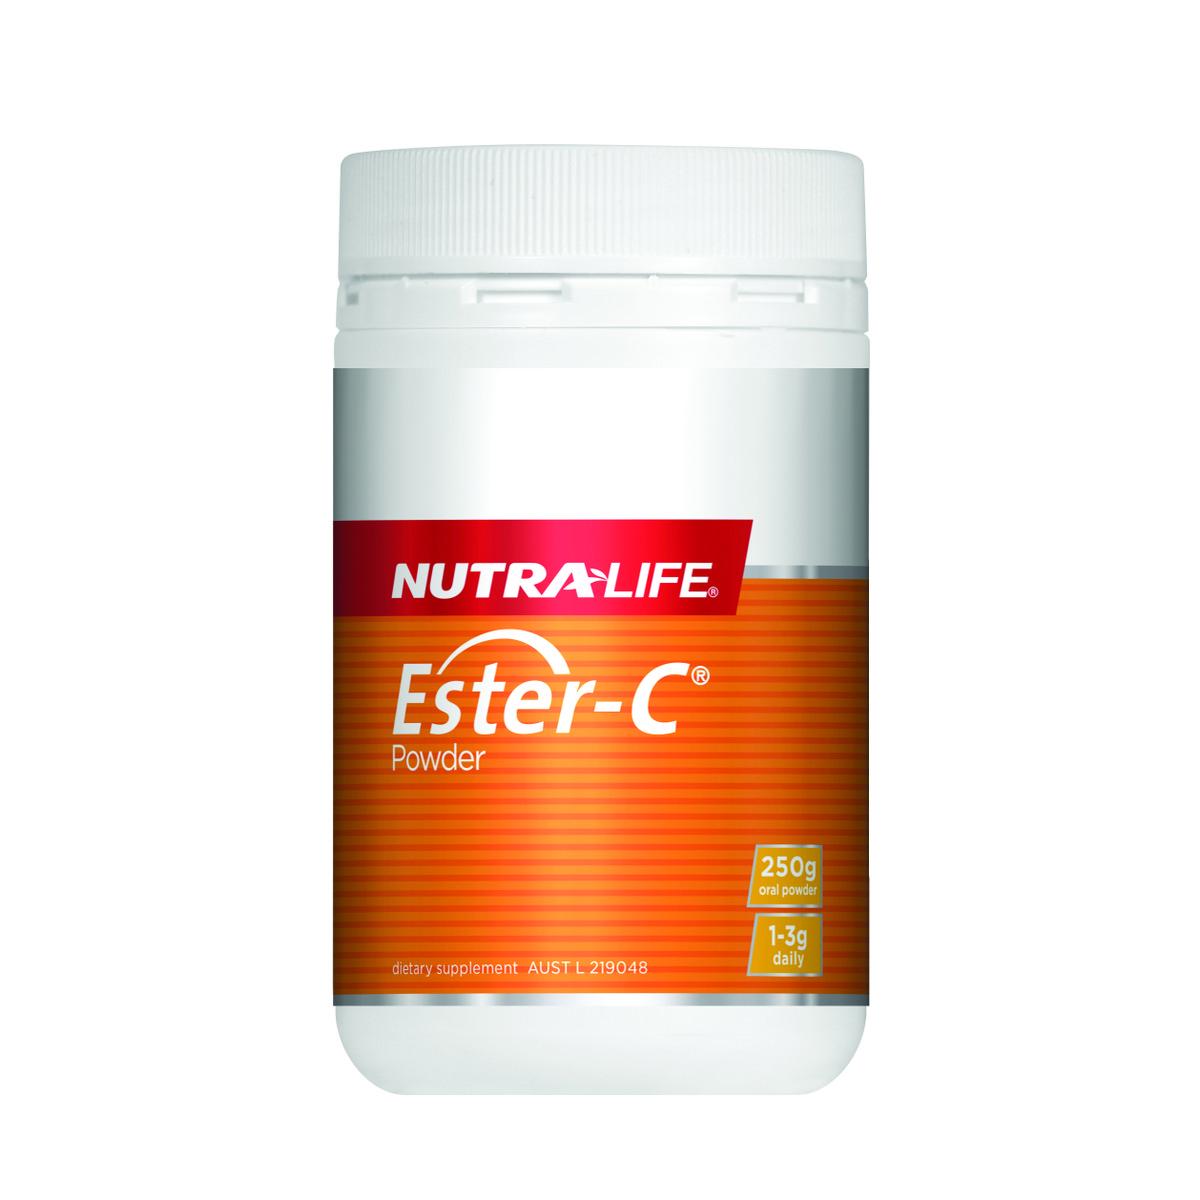 Image of Nutra life Ester C powder 250g